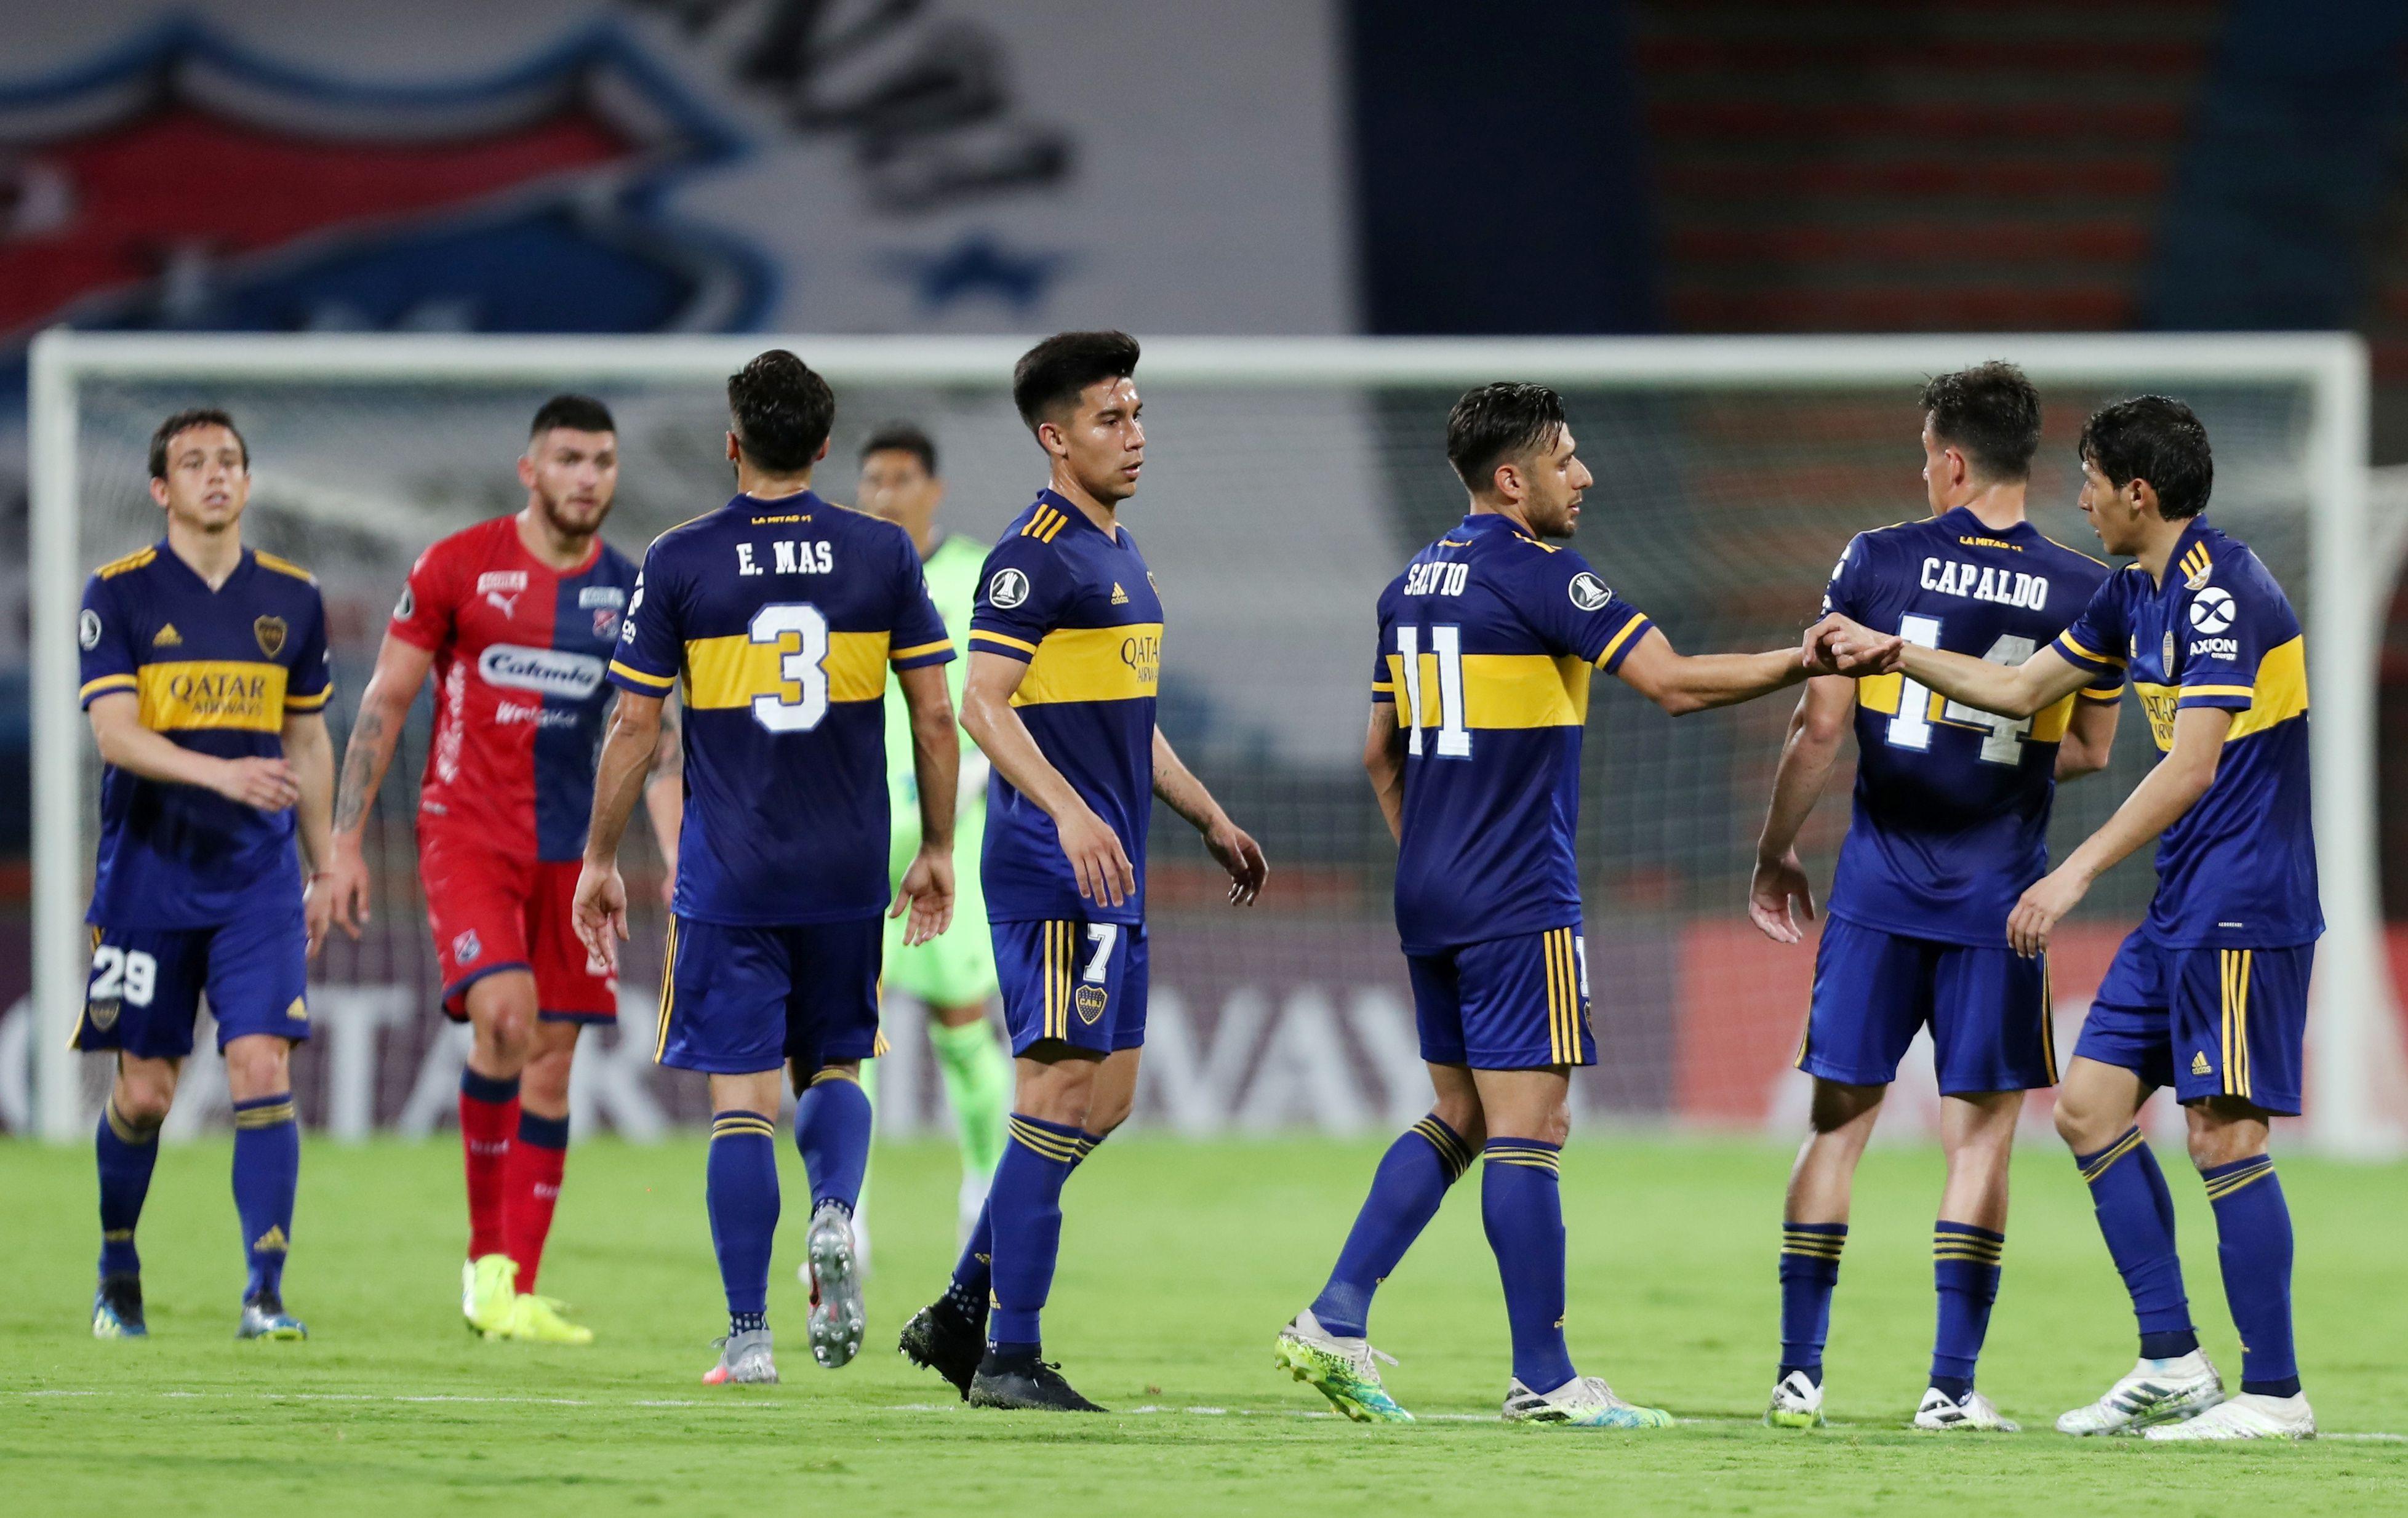 Boca es líder del Grupo H a falta de dos fechas para el final de la fase de grupos de la Copa Libertadores (Fernando Vergara/Pool via REUTERS)